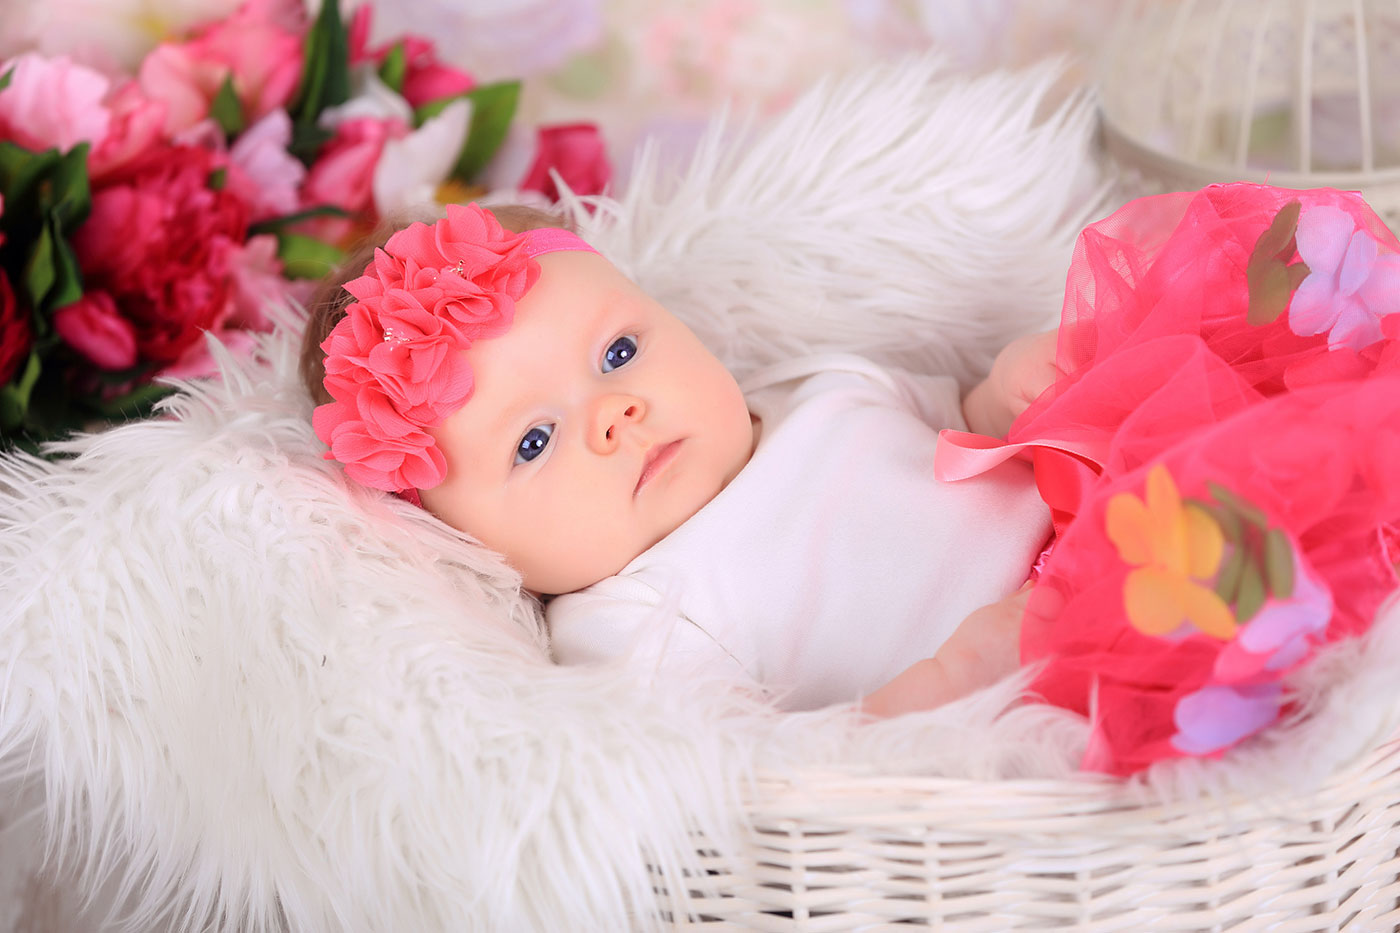 Bērnu foto